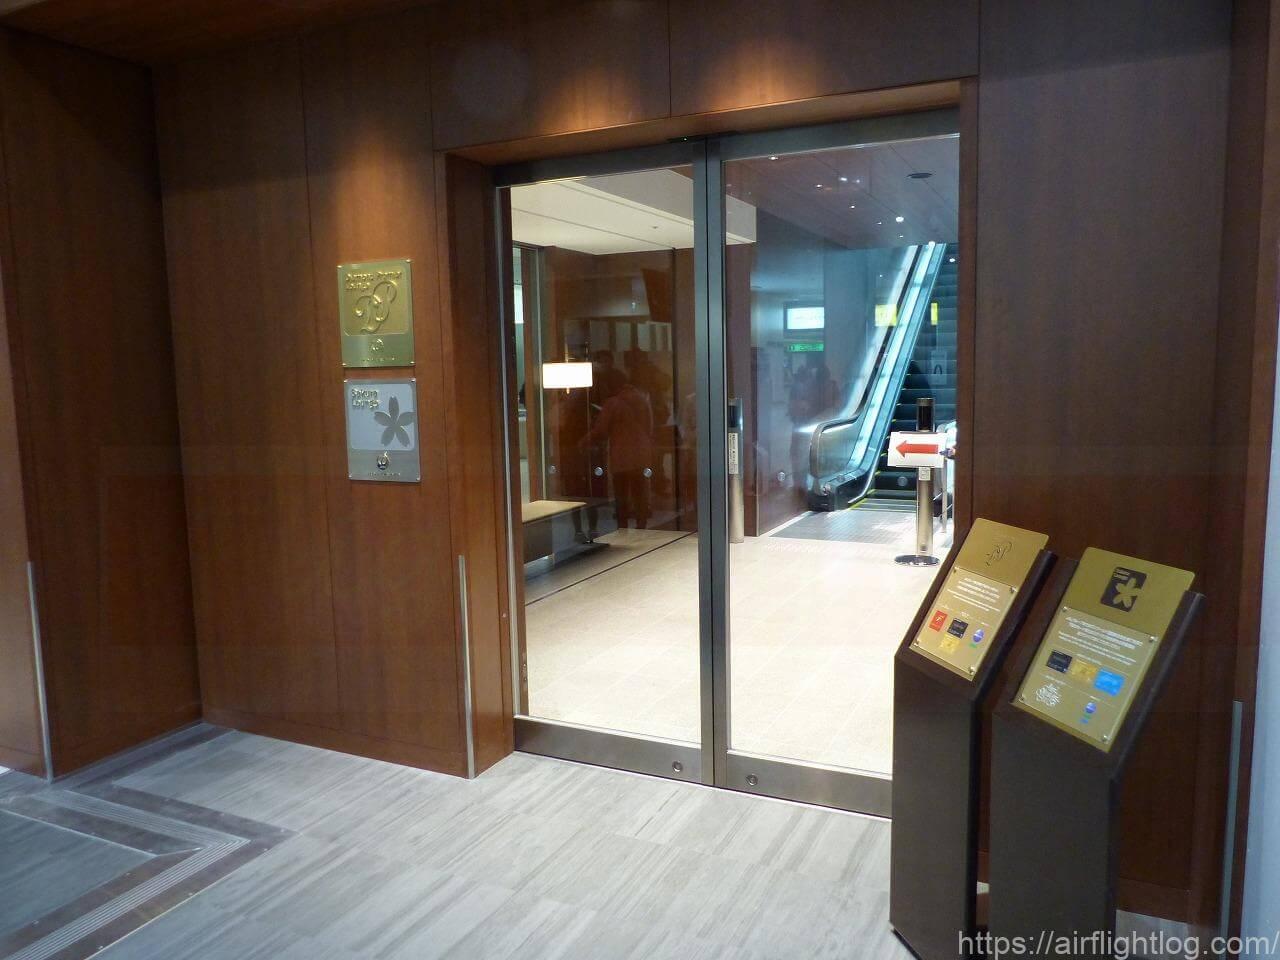 伊丹空港ダイヤモンド・プレミアラウンジ/サクララウンジエントランス